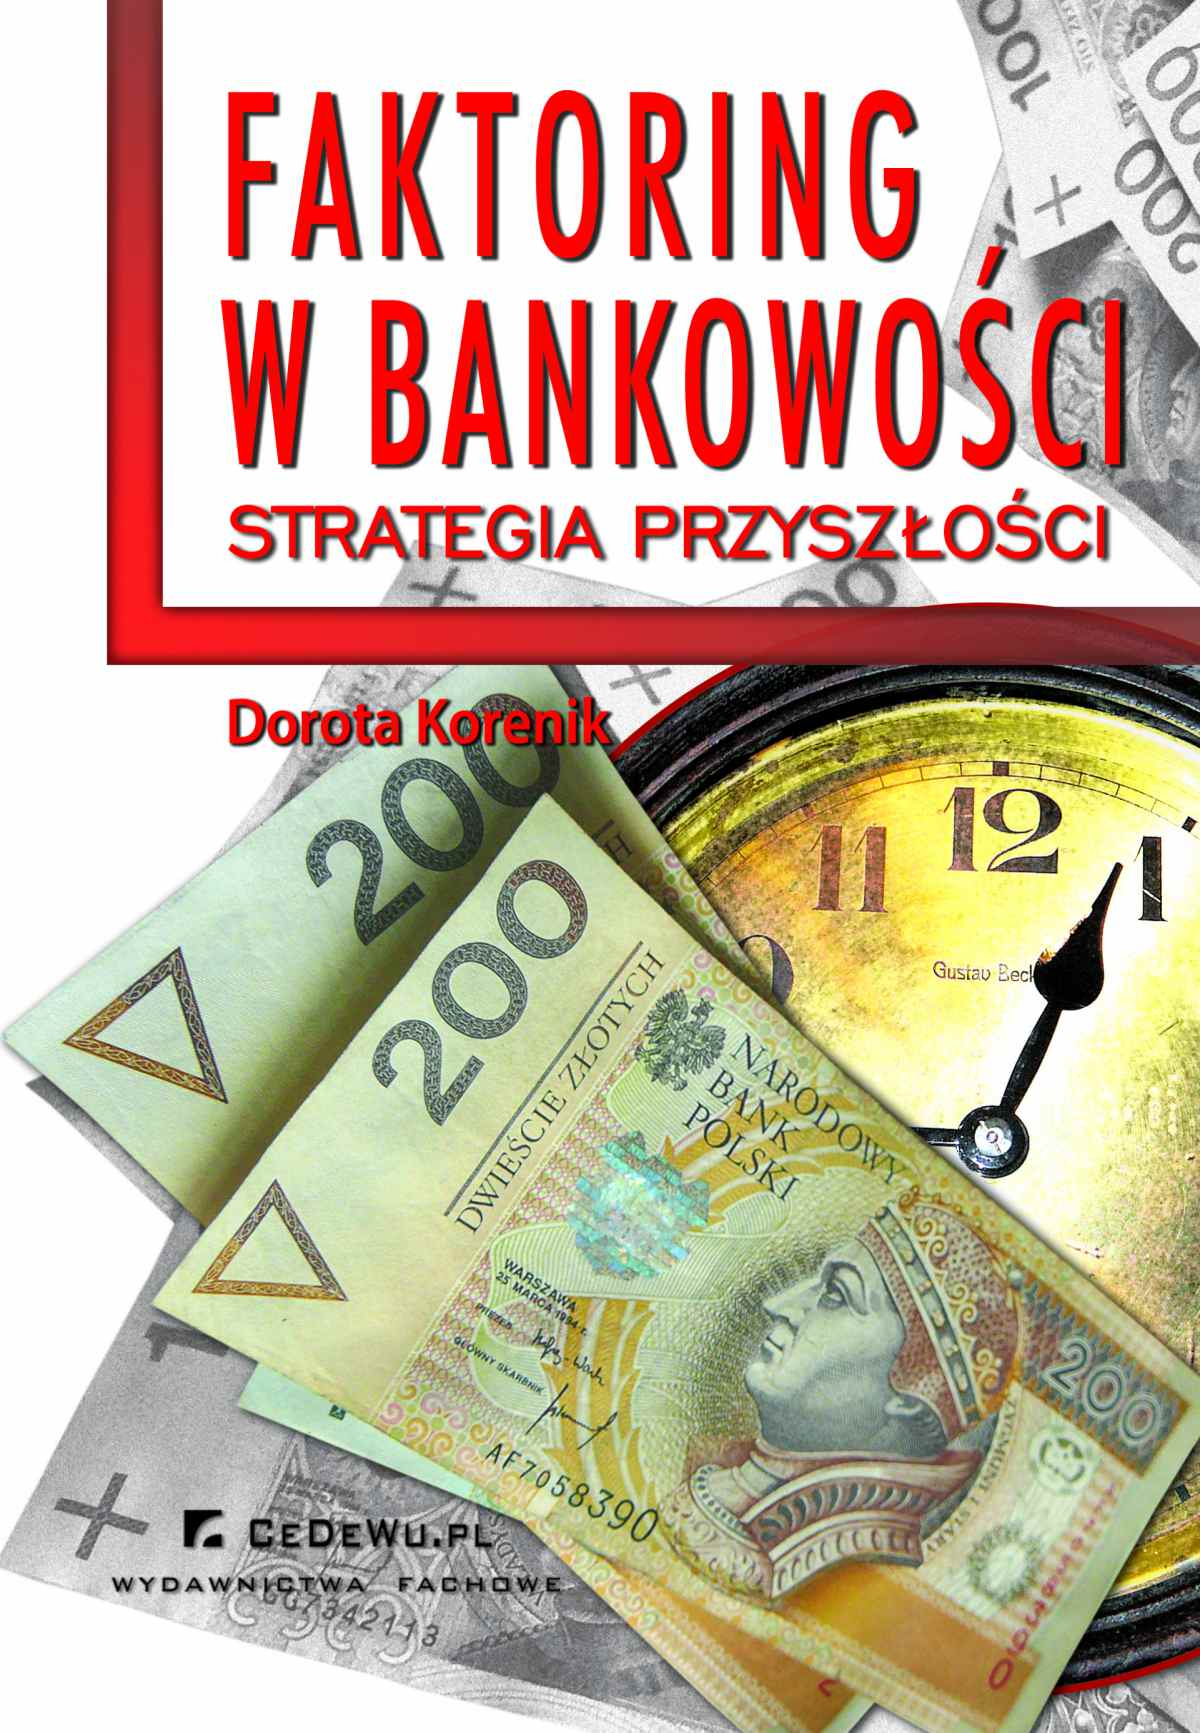 Faktoring w bankowości - strategia przyszłości. Rozdział 2. Faktoring i jego potencjał - Ebook (Książka PDF) do pobrania w formacie PDF